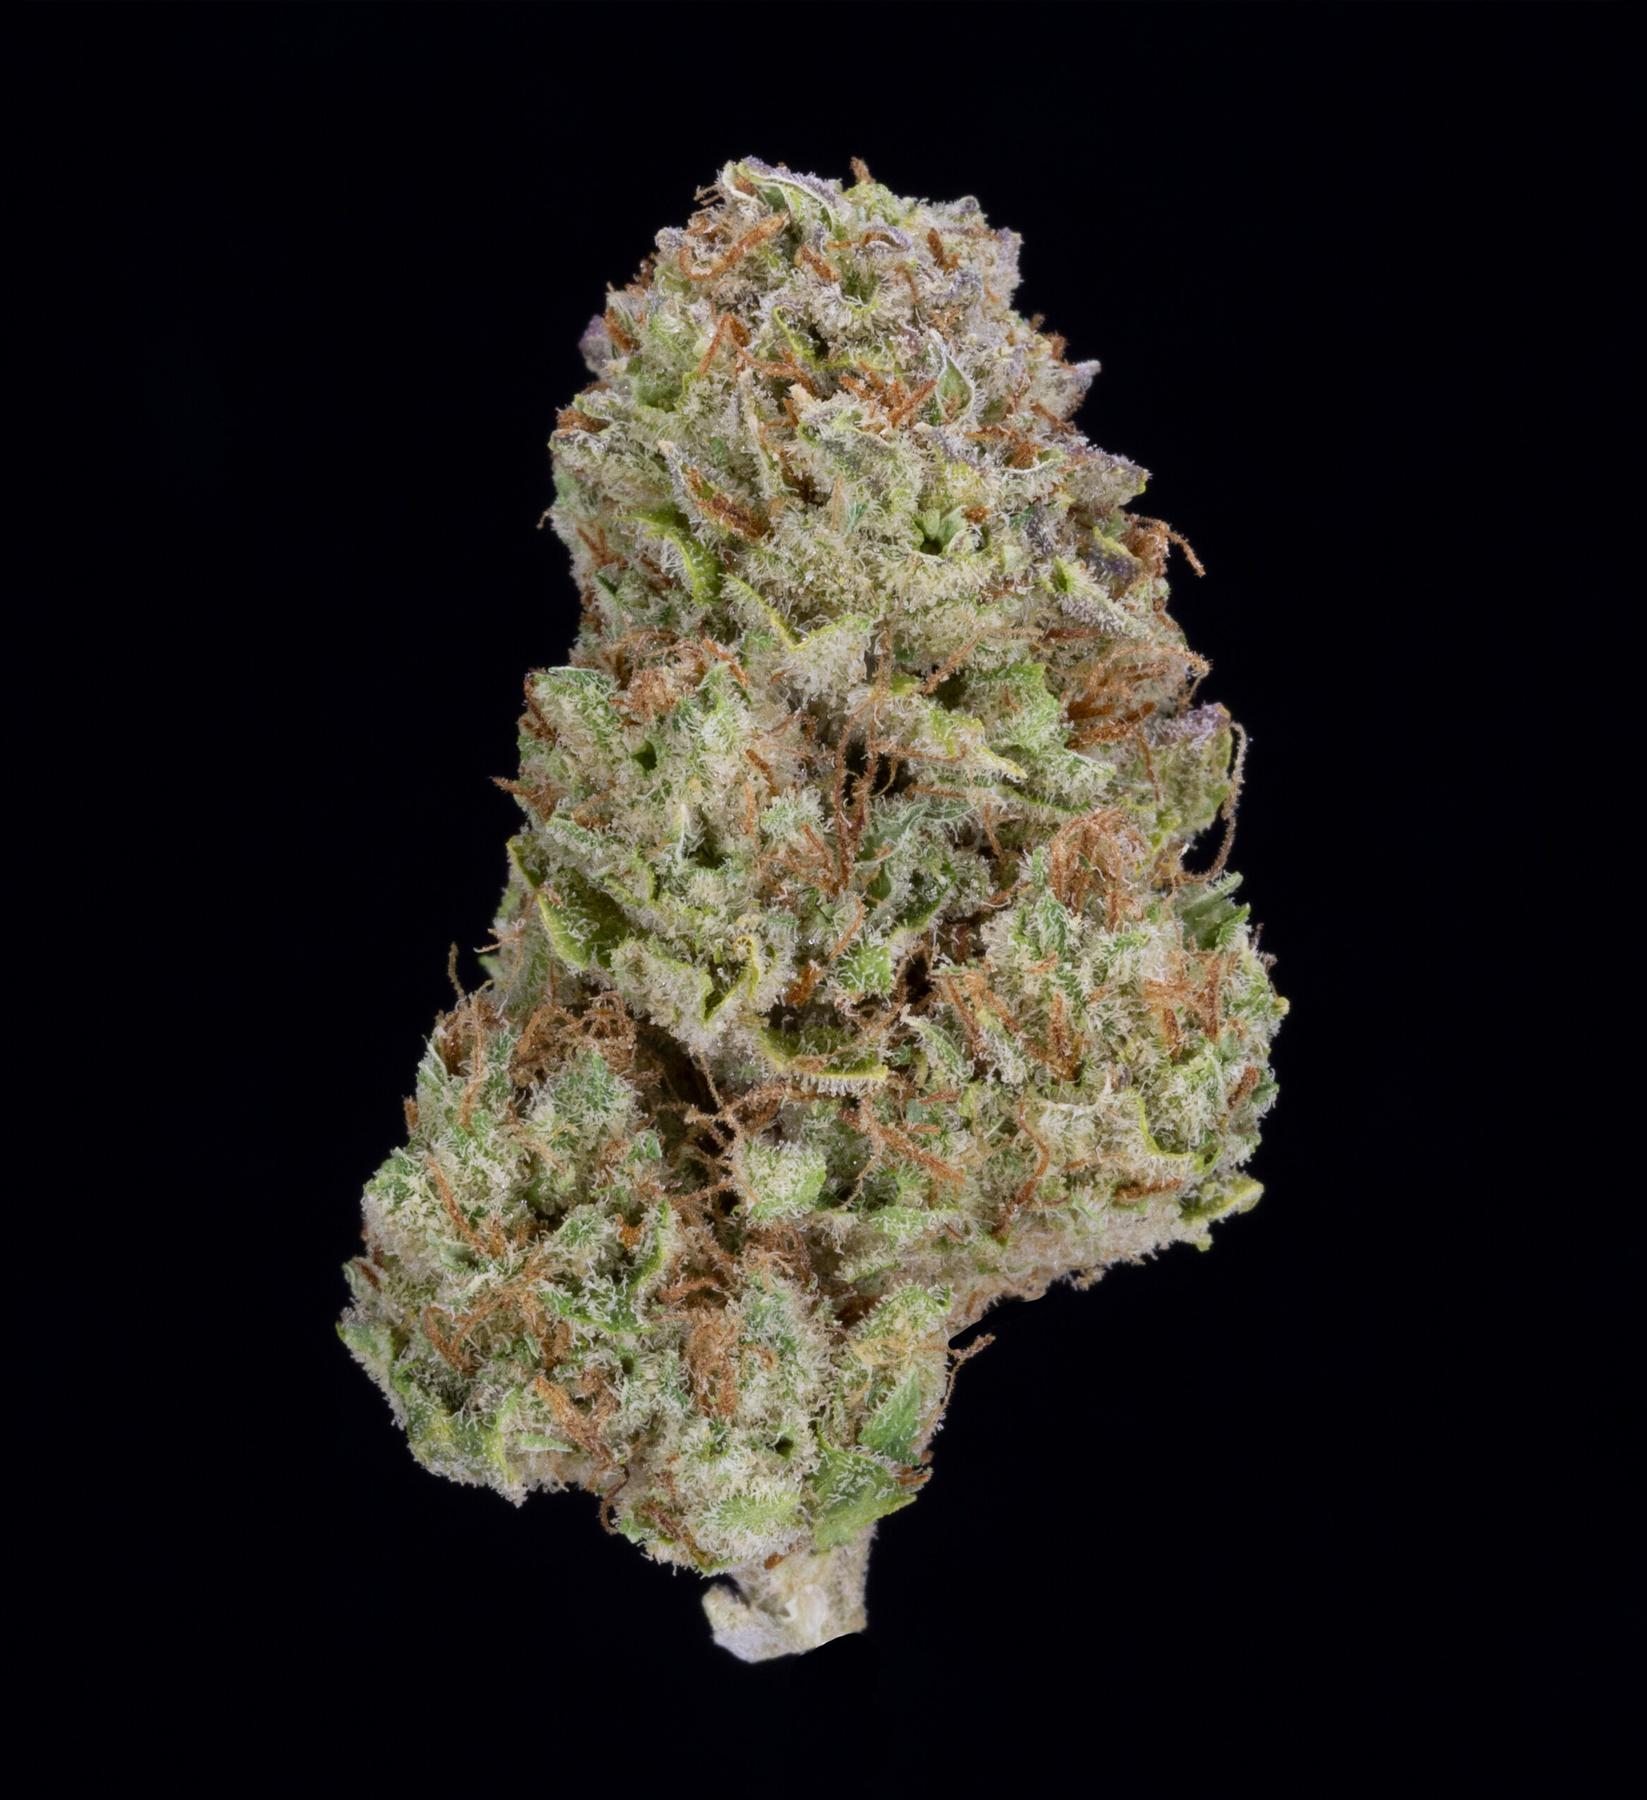 Blackwater OG (AU Limit: 3.5g TOTAL flower / No Med Limit) Product image